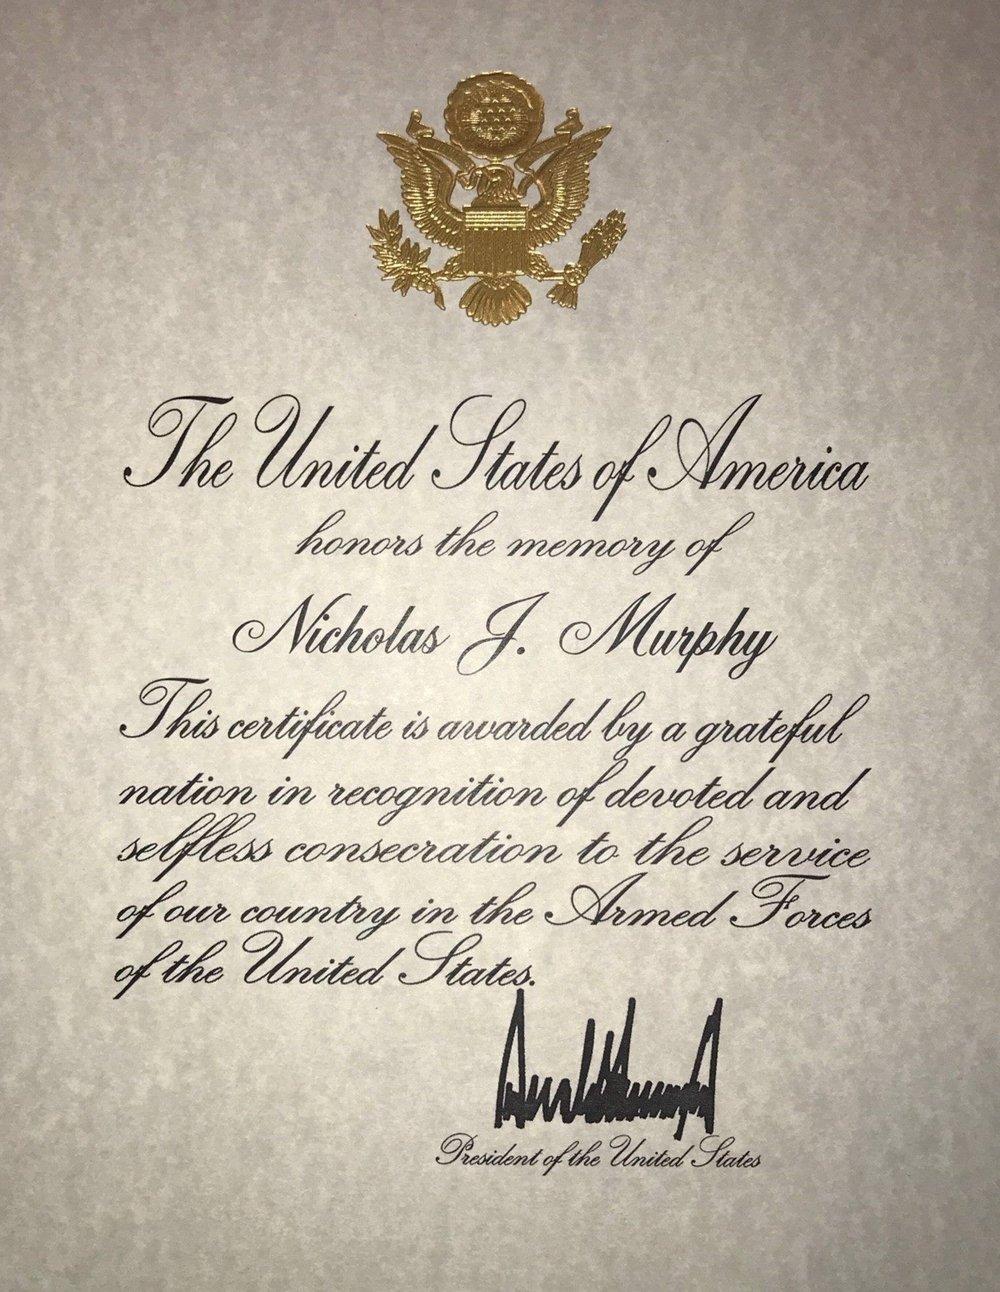 nick murphy USA letter.jpg